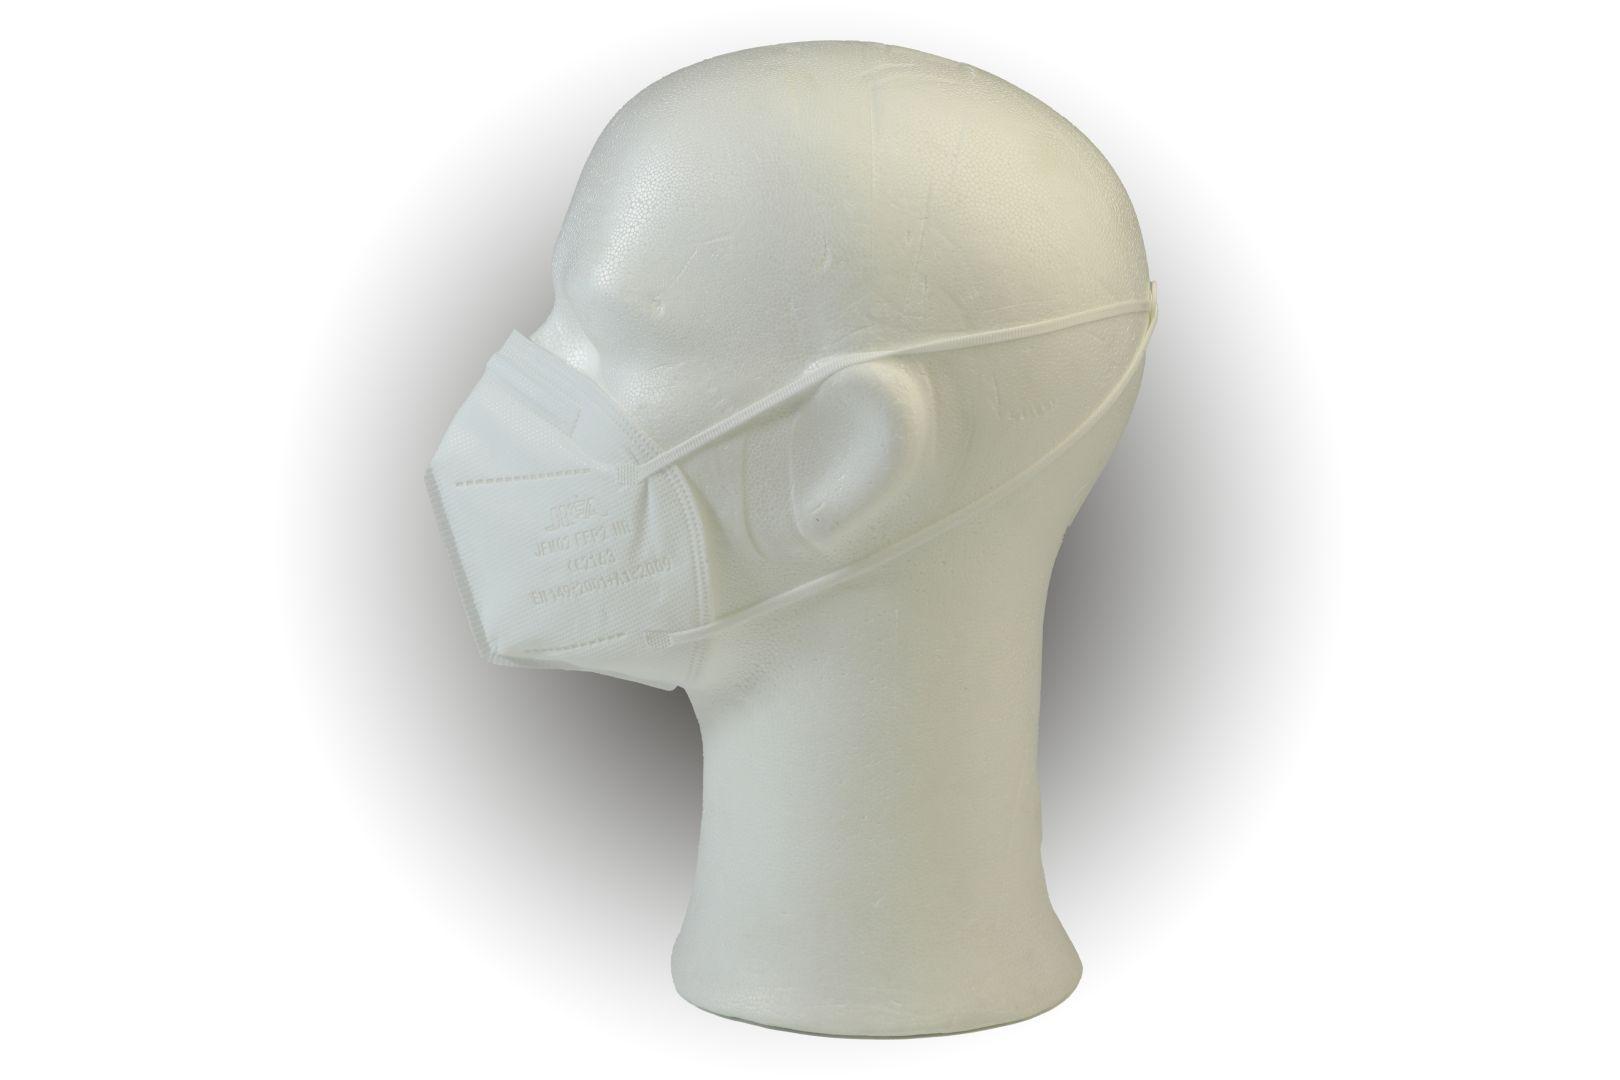 Feinstaub Schutzmaske FFP2, NR faltbar, geprüft und CE-zertifiziert, 6-er Pack